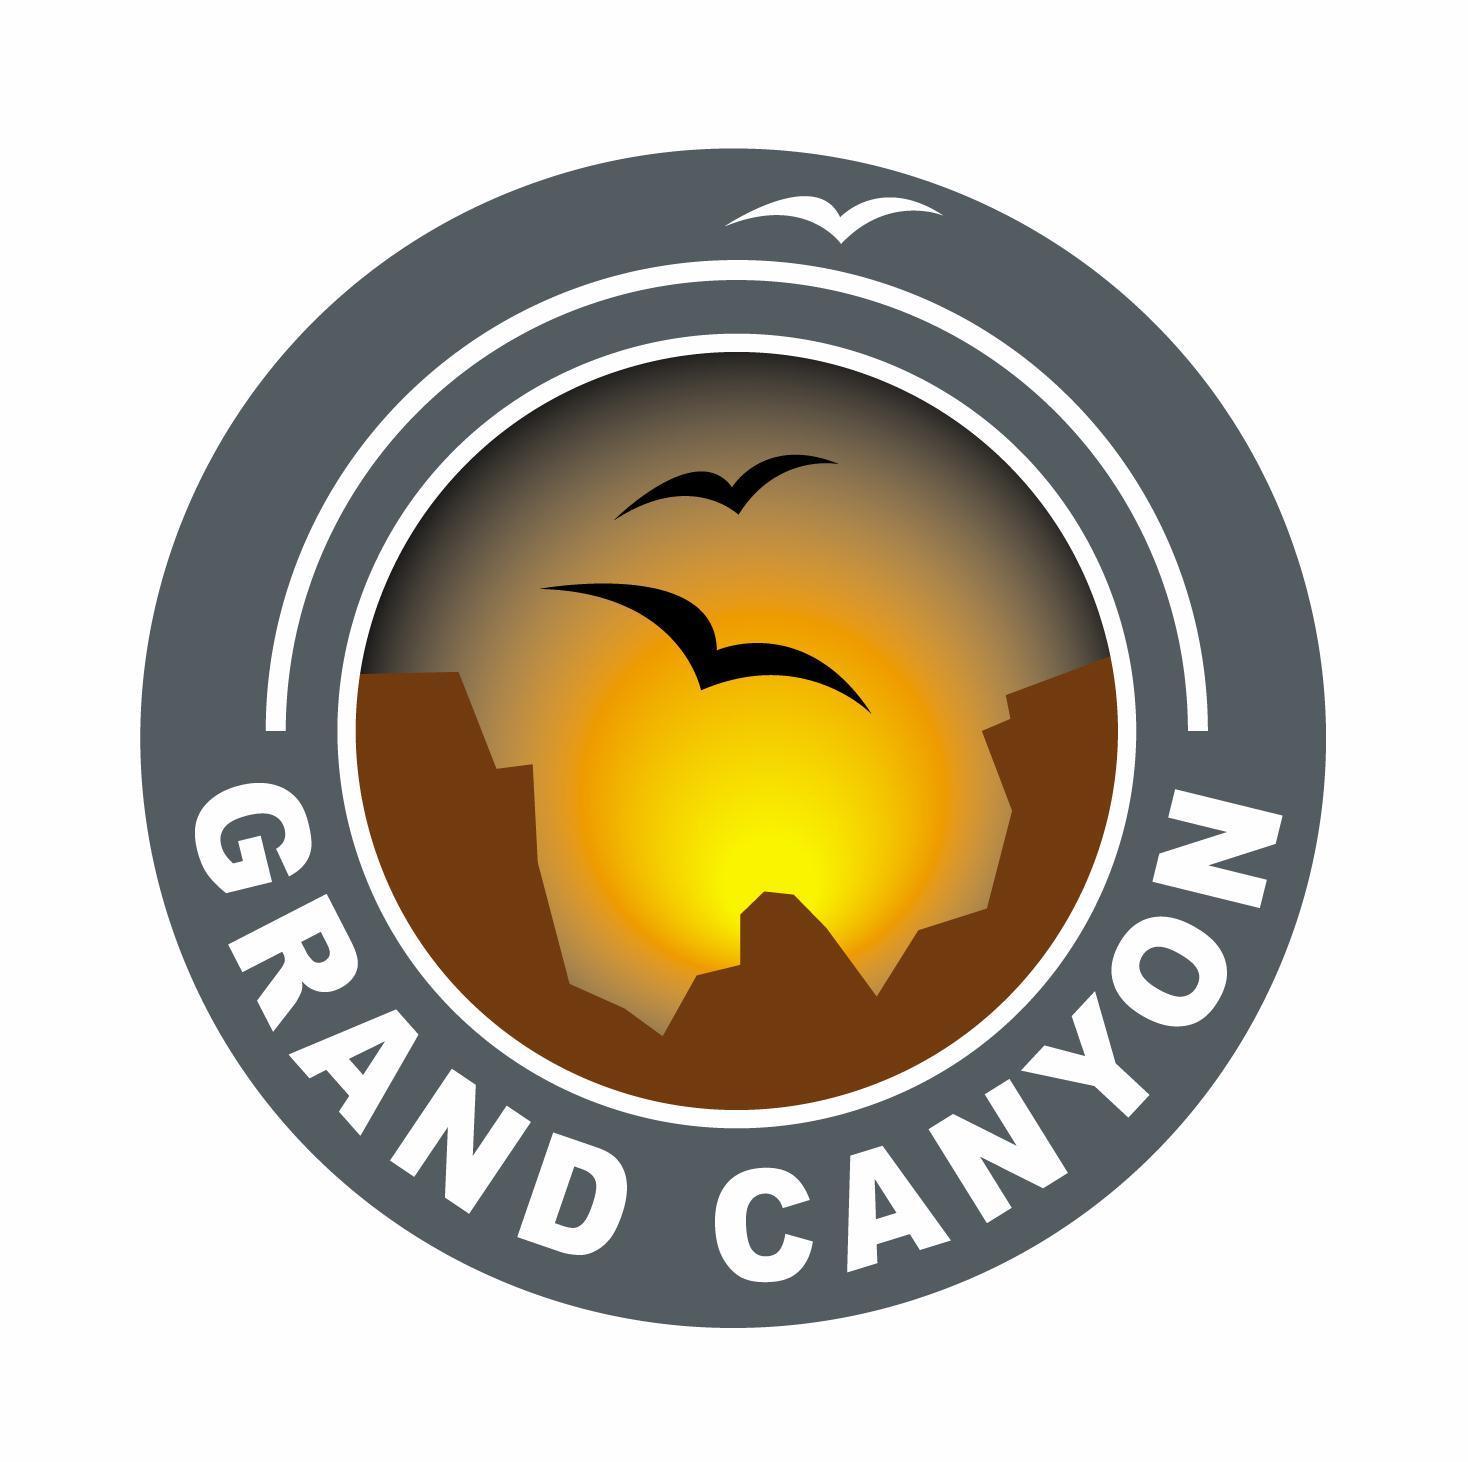 GRAND CANYON Giga - silla de camping plegable con